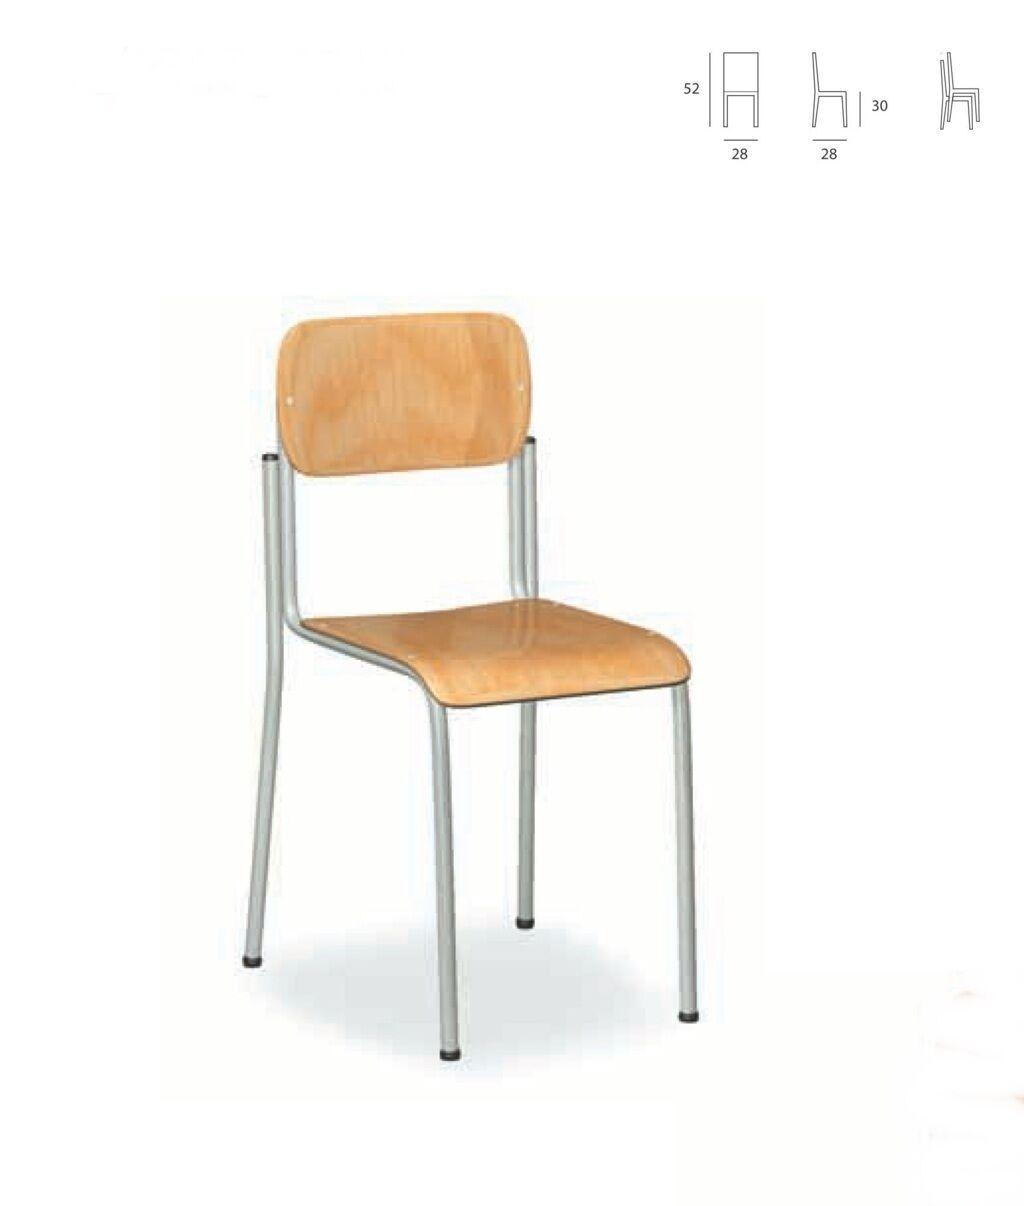 Sedia Asilo Bambino Scuola in Legno Faggio  L 28 P 28 altezza seduta 30 altezza